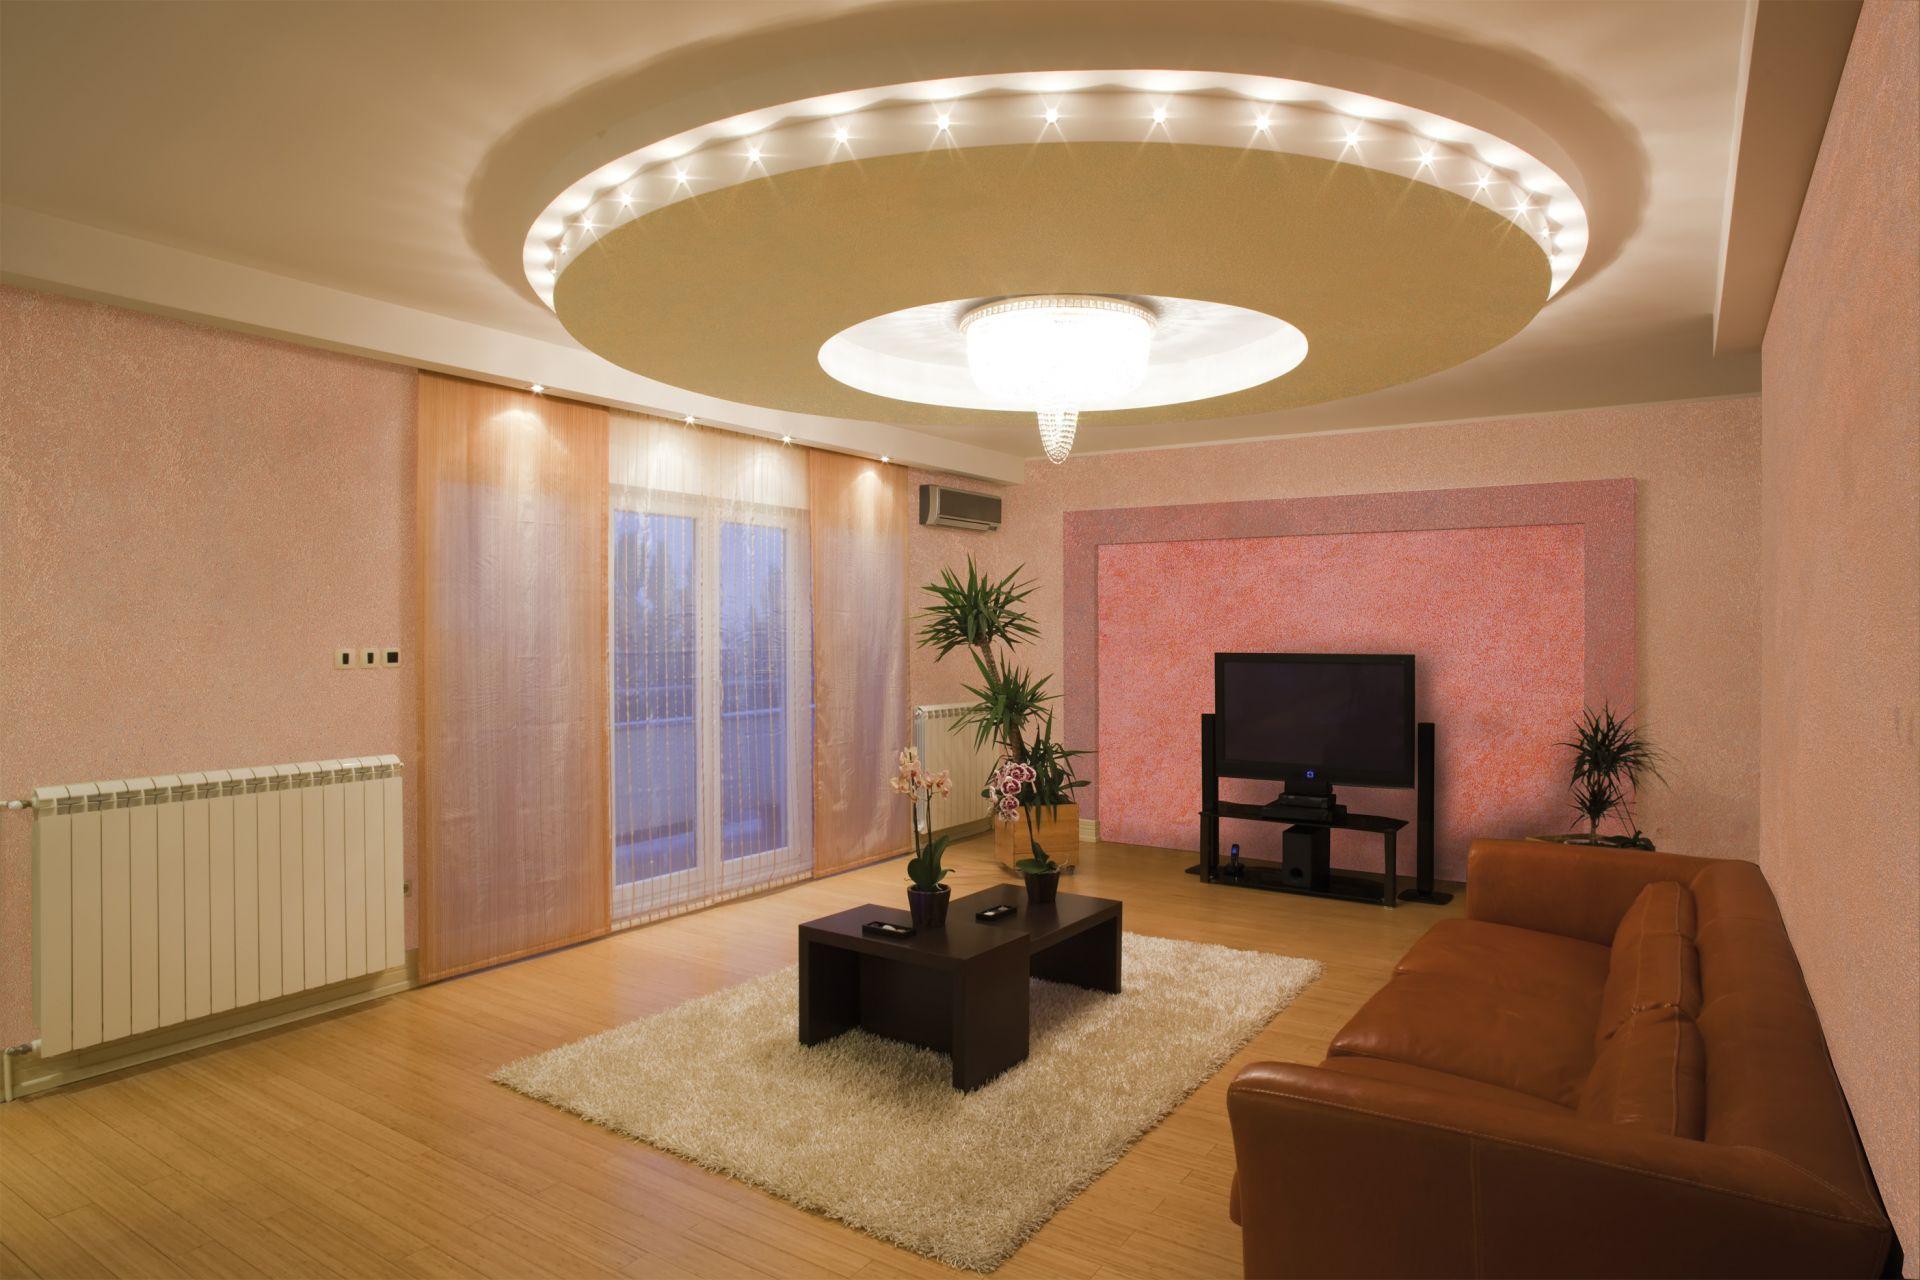 Глянцевый потолок в бассейне со светодиодной подсветкой